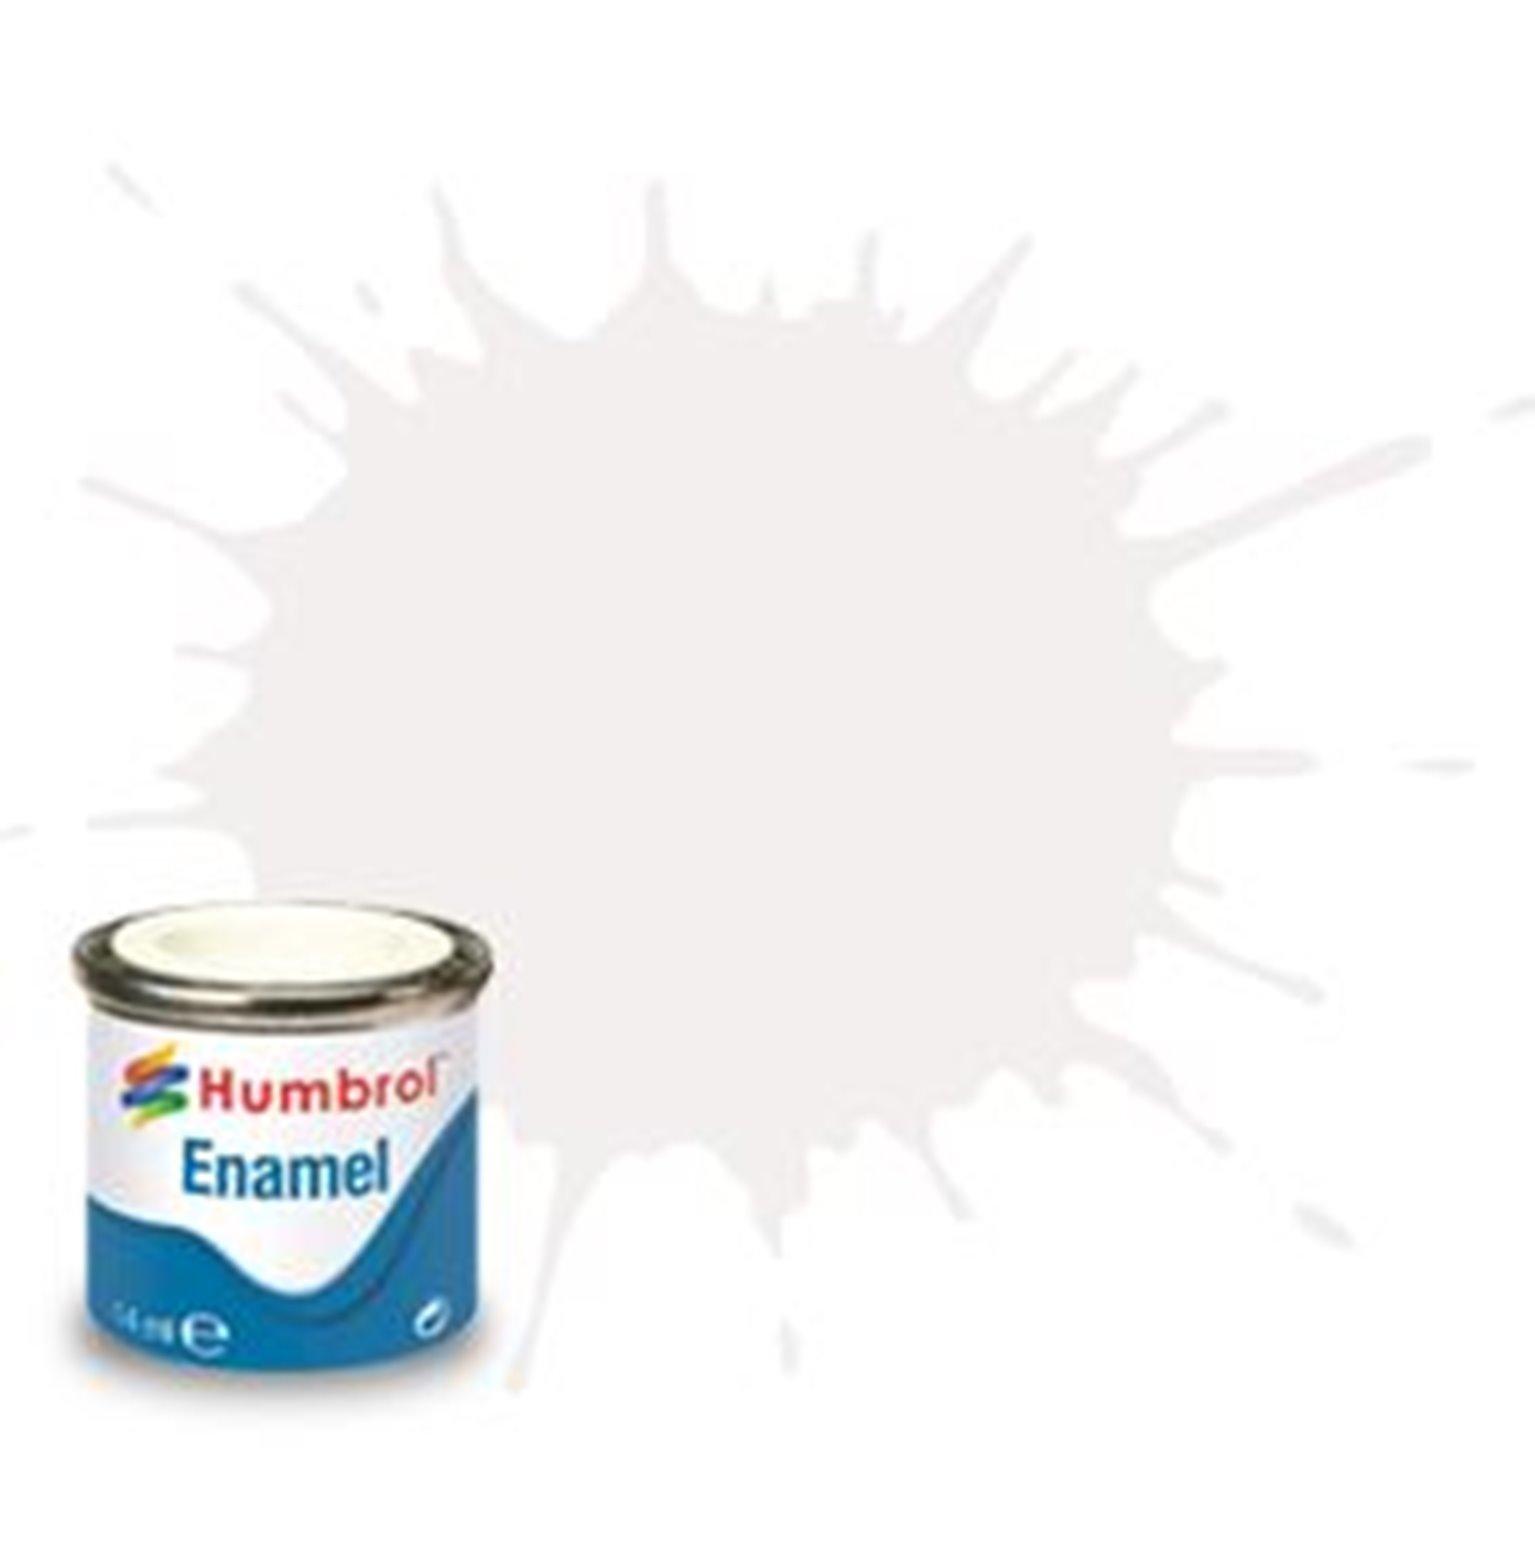 Humbrol 35 Varnish Gloss - 14ml Enamel Varnish